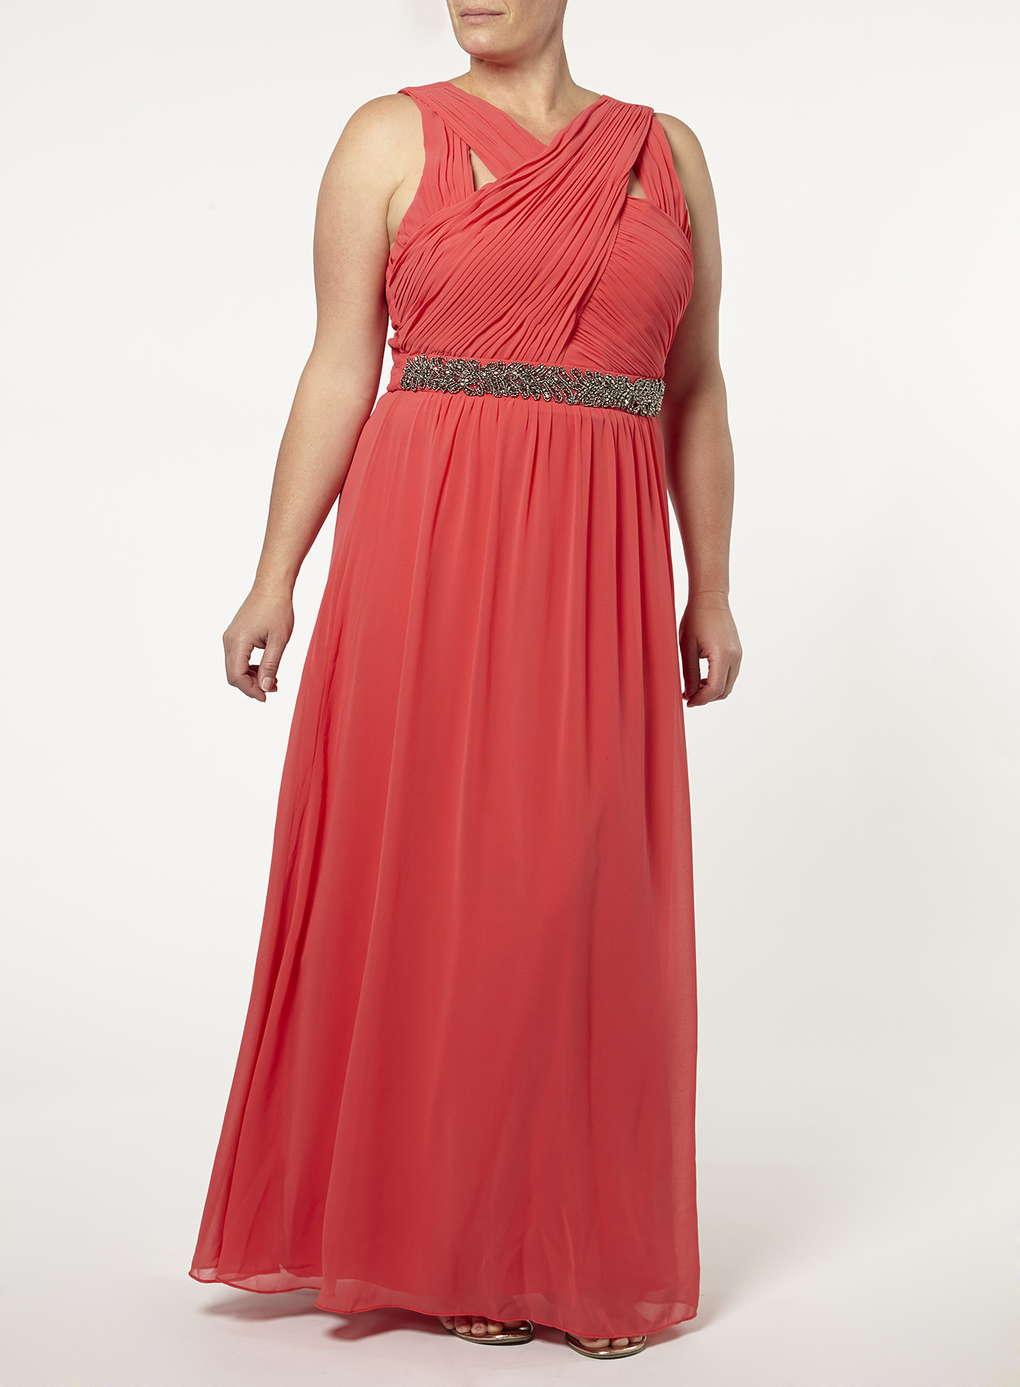 Büyük Beden Uzun Abiye Elbise Modelleri - Gece Elbiseleri - plus size dresses (32)